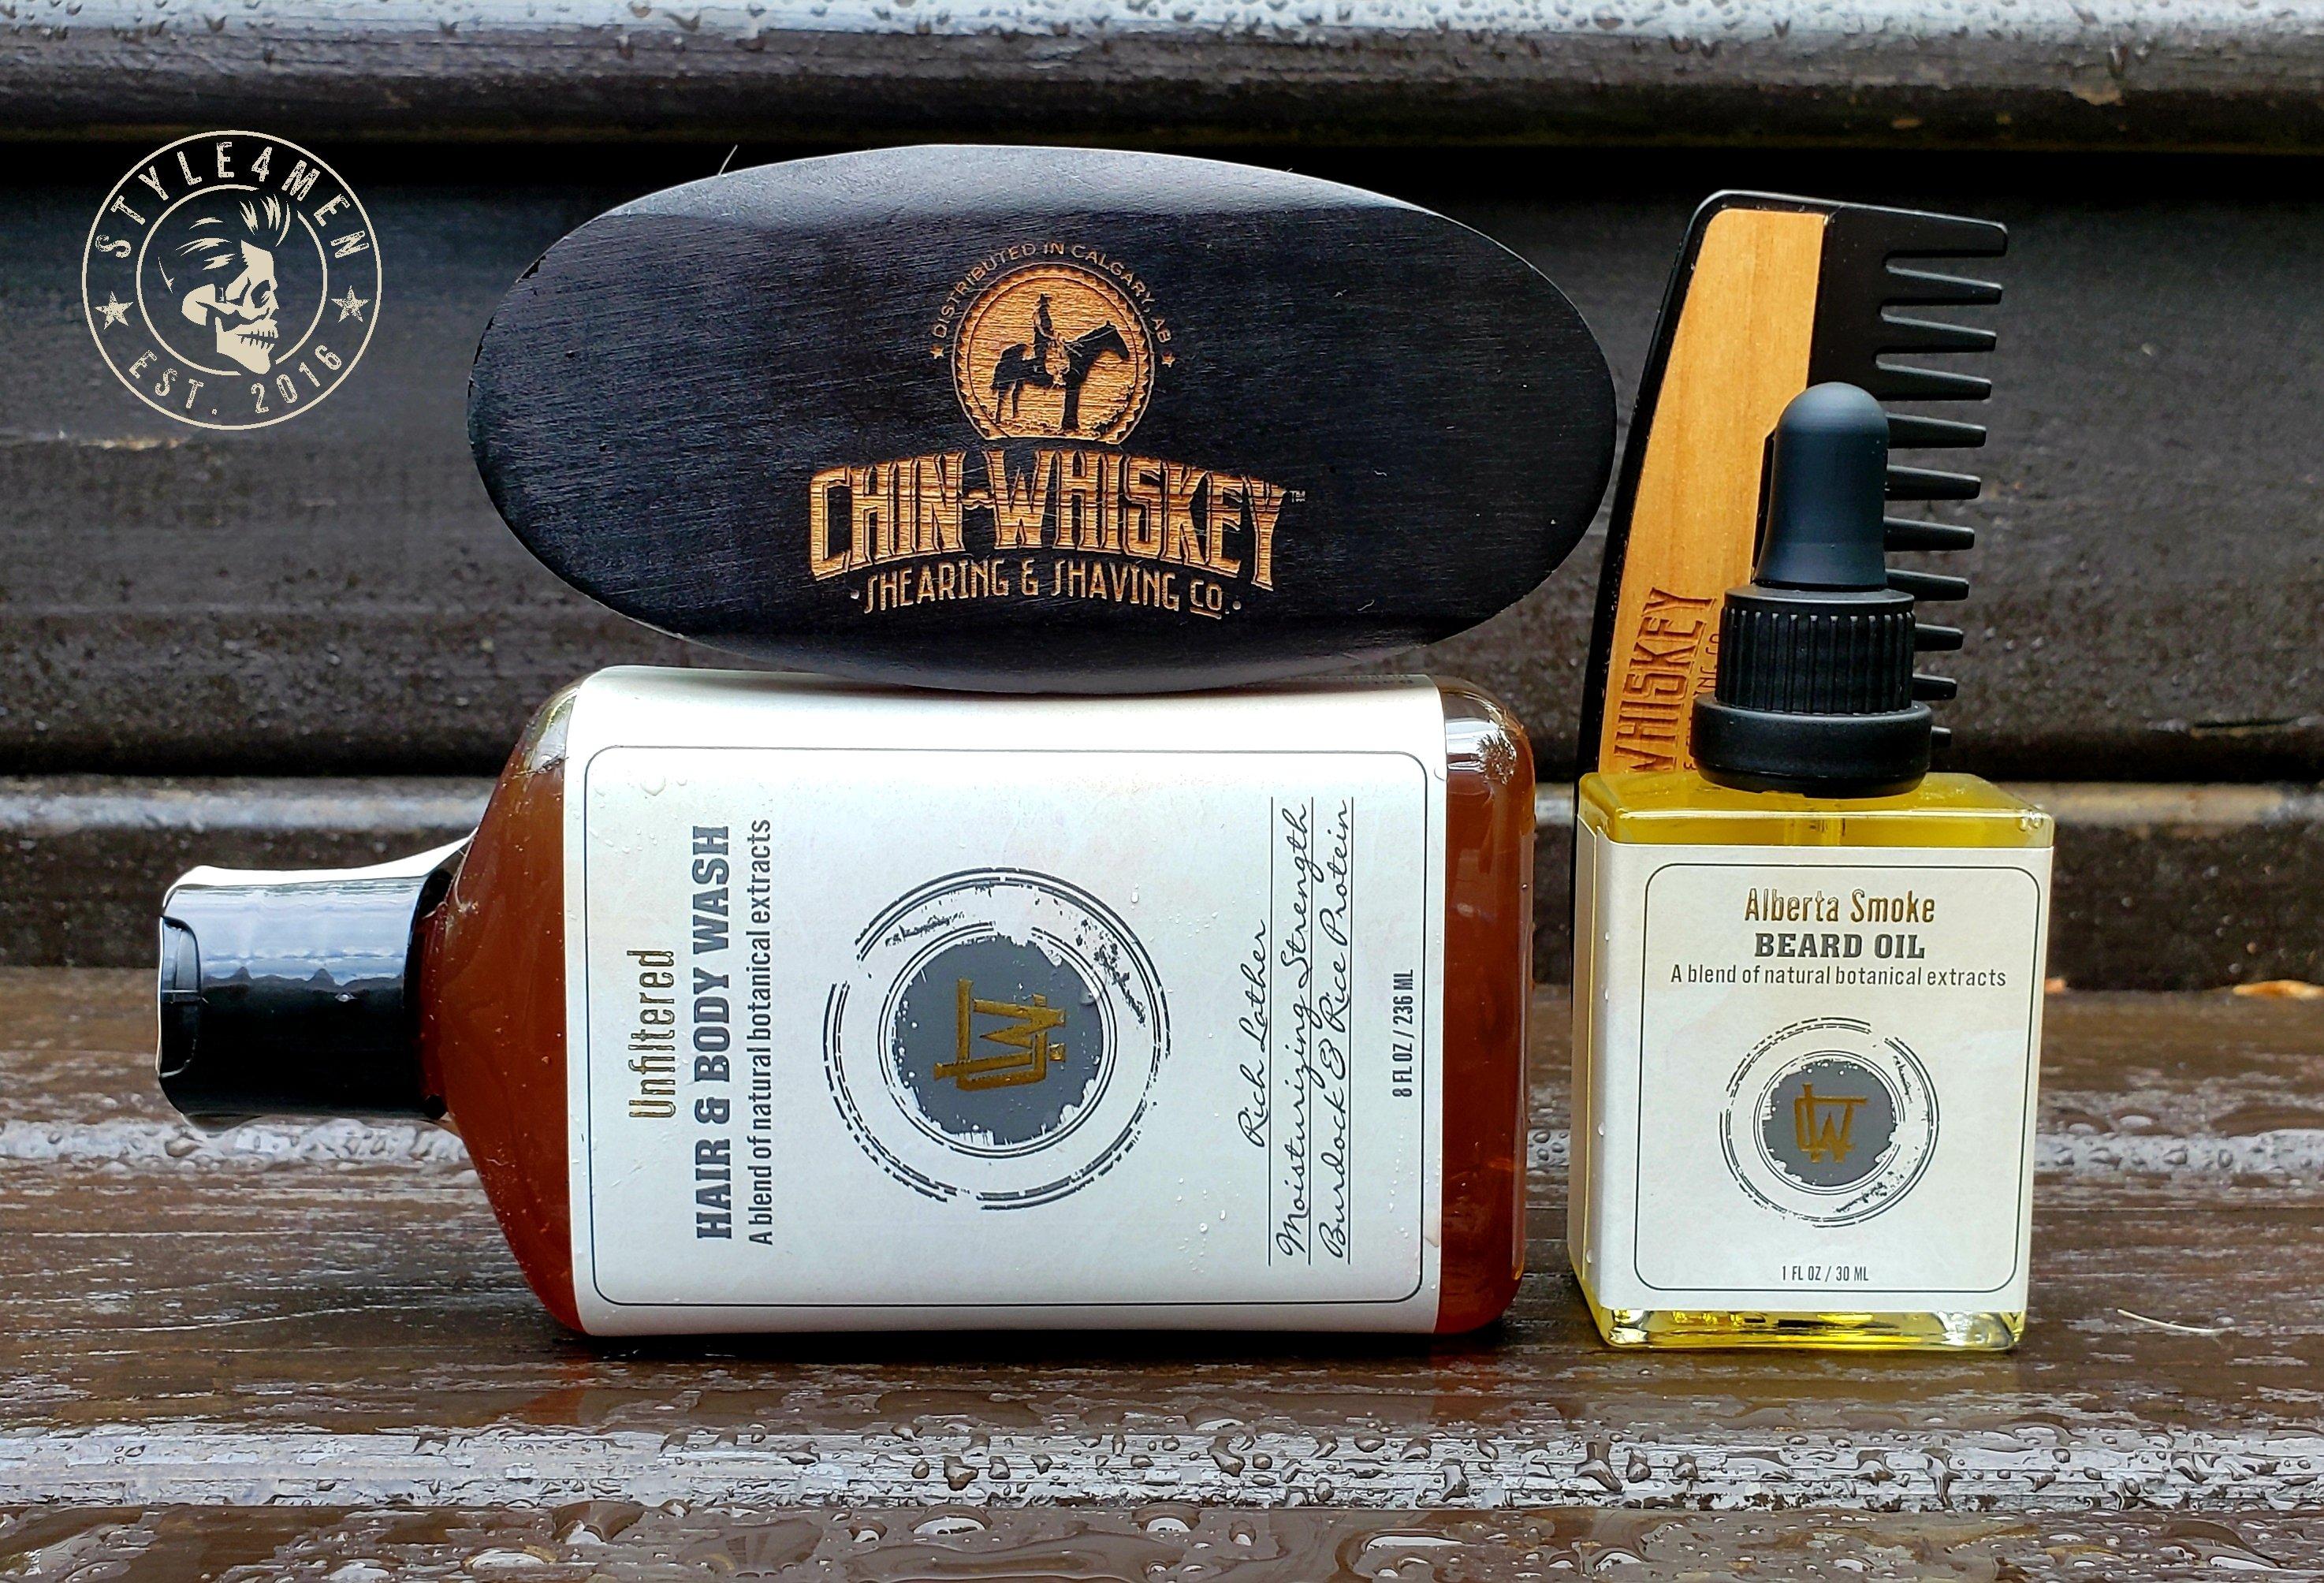 The Alberta Smoke Beard Kit by Chin Whiskey